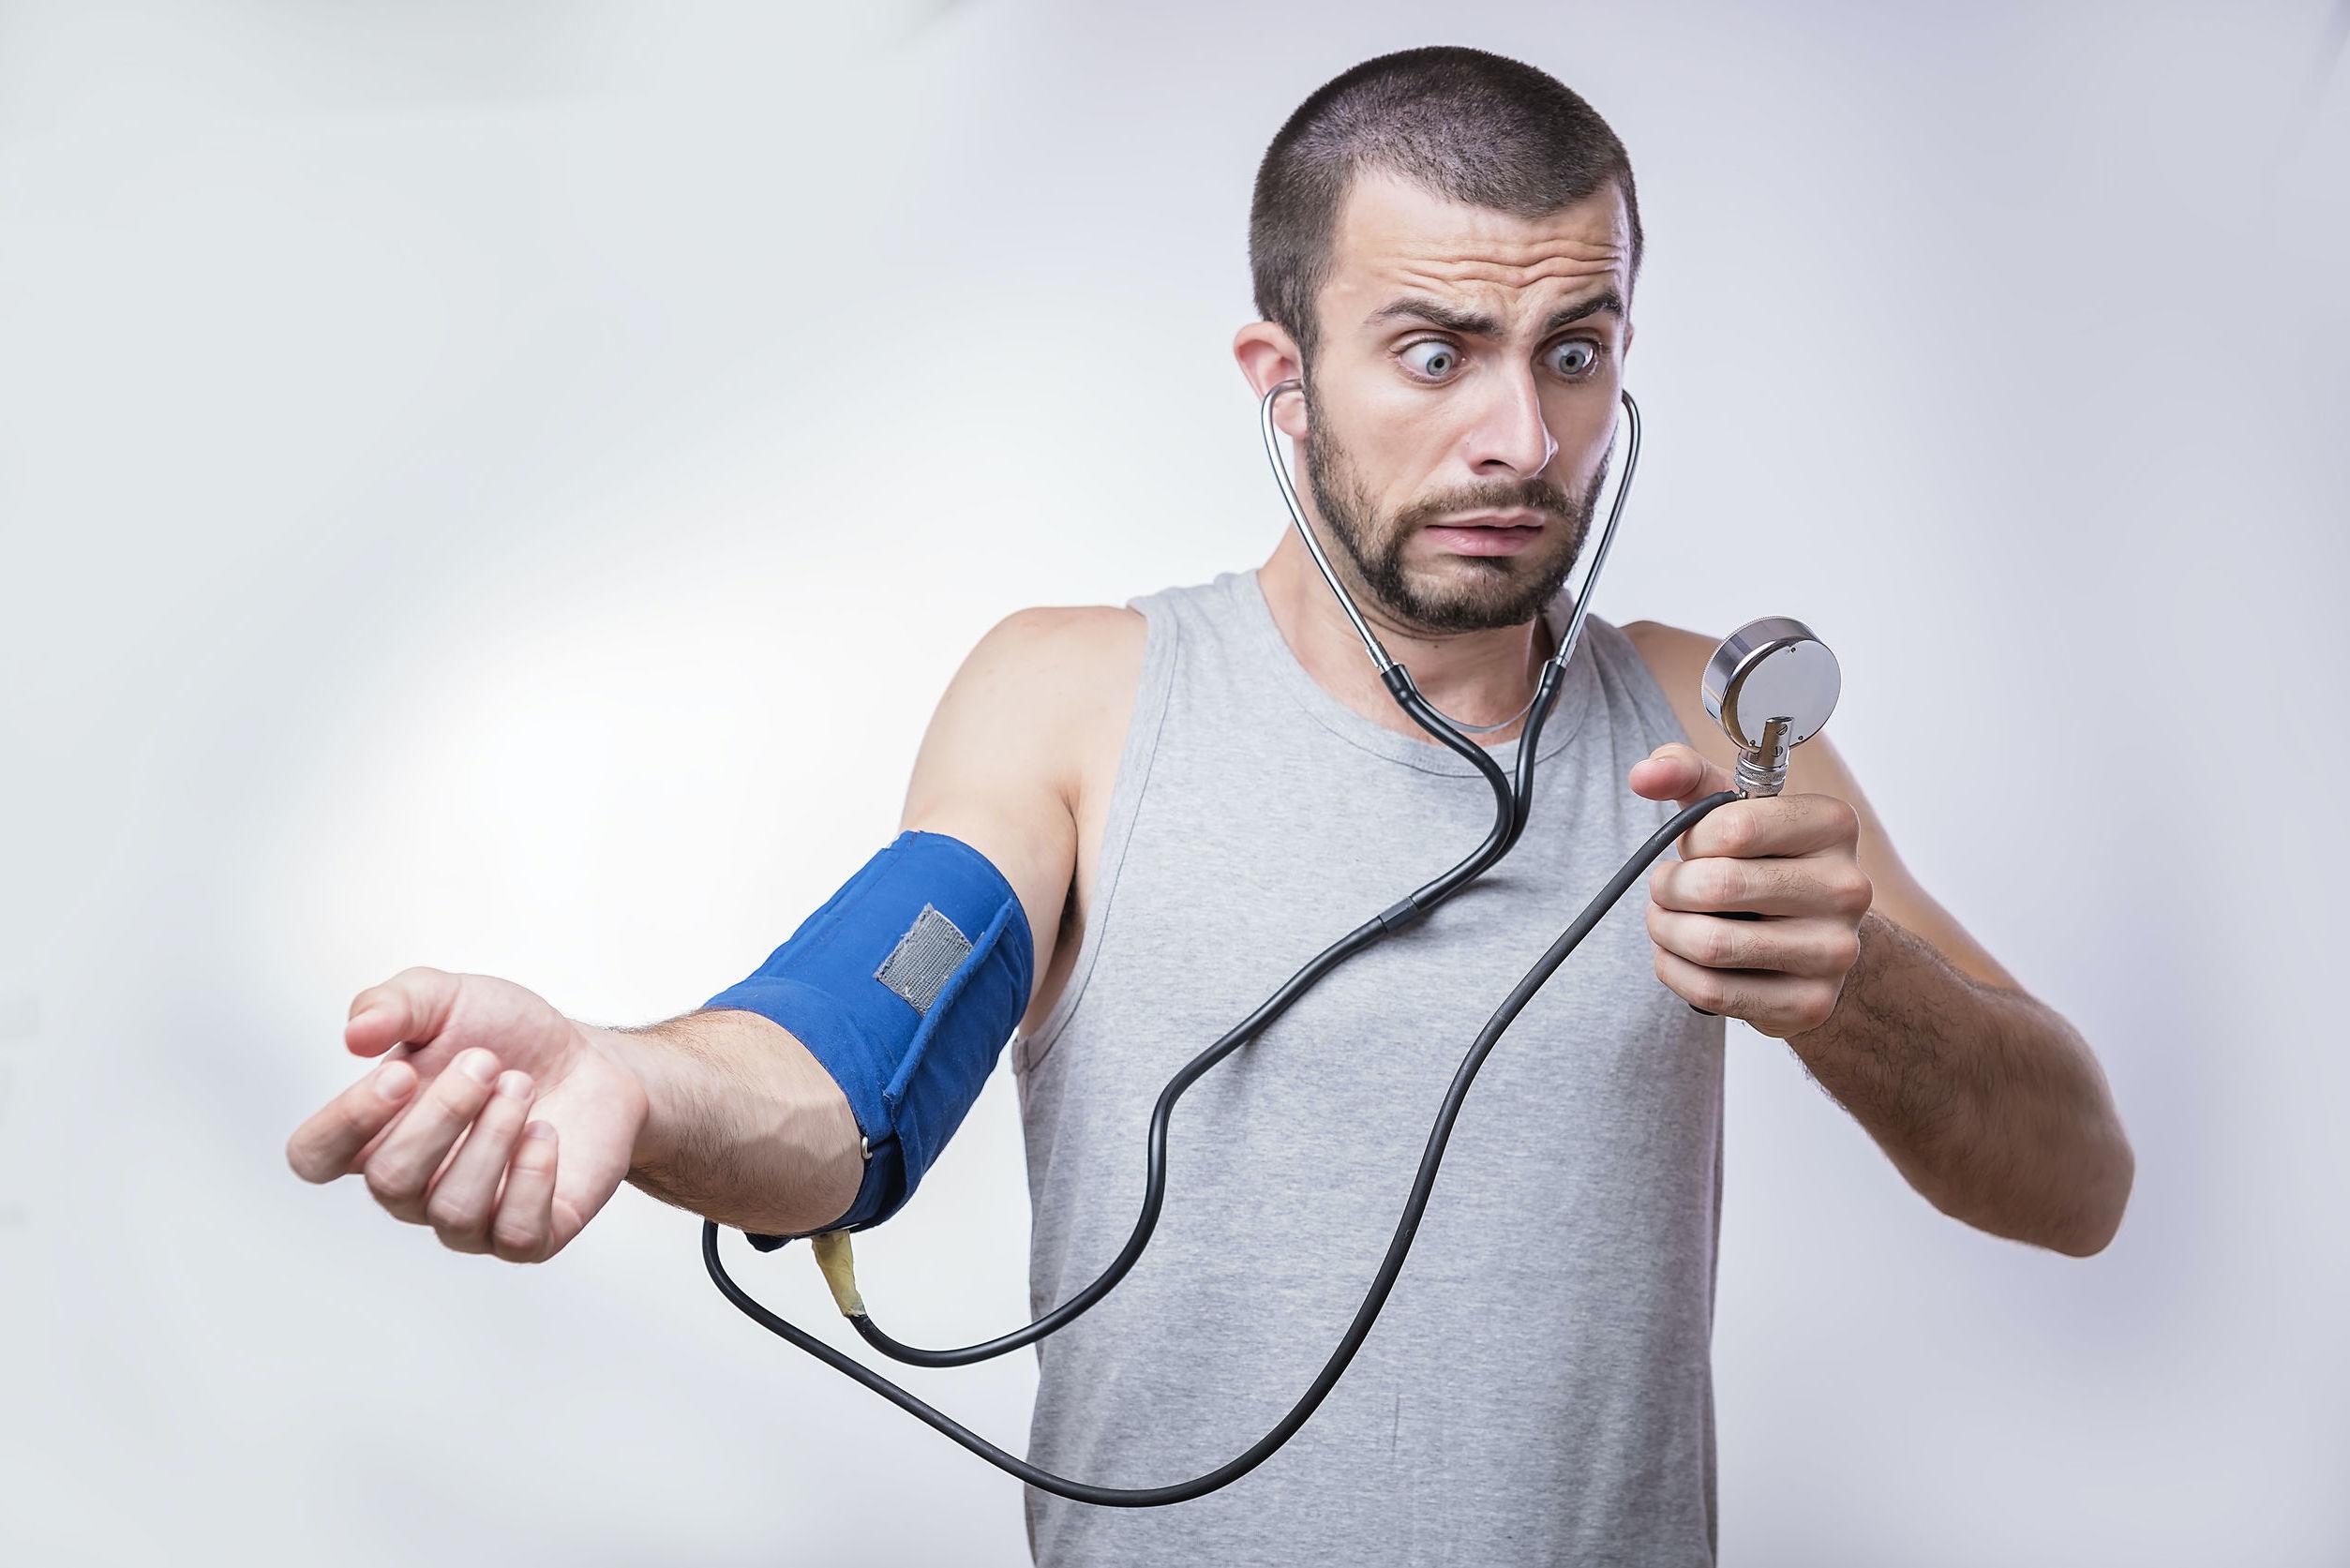 hentes n g magas vérnyomás gyógyszerek magas vérnyomásról fotók